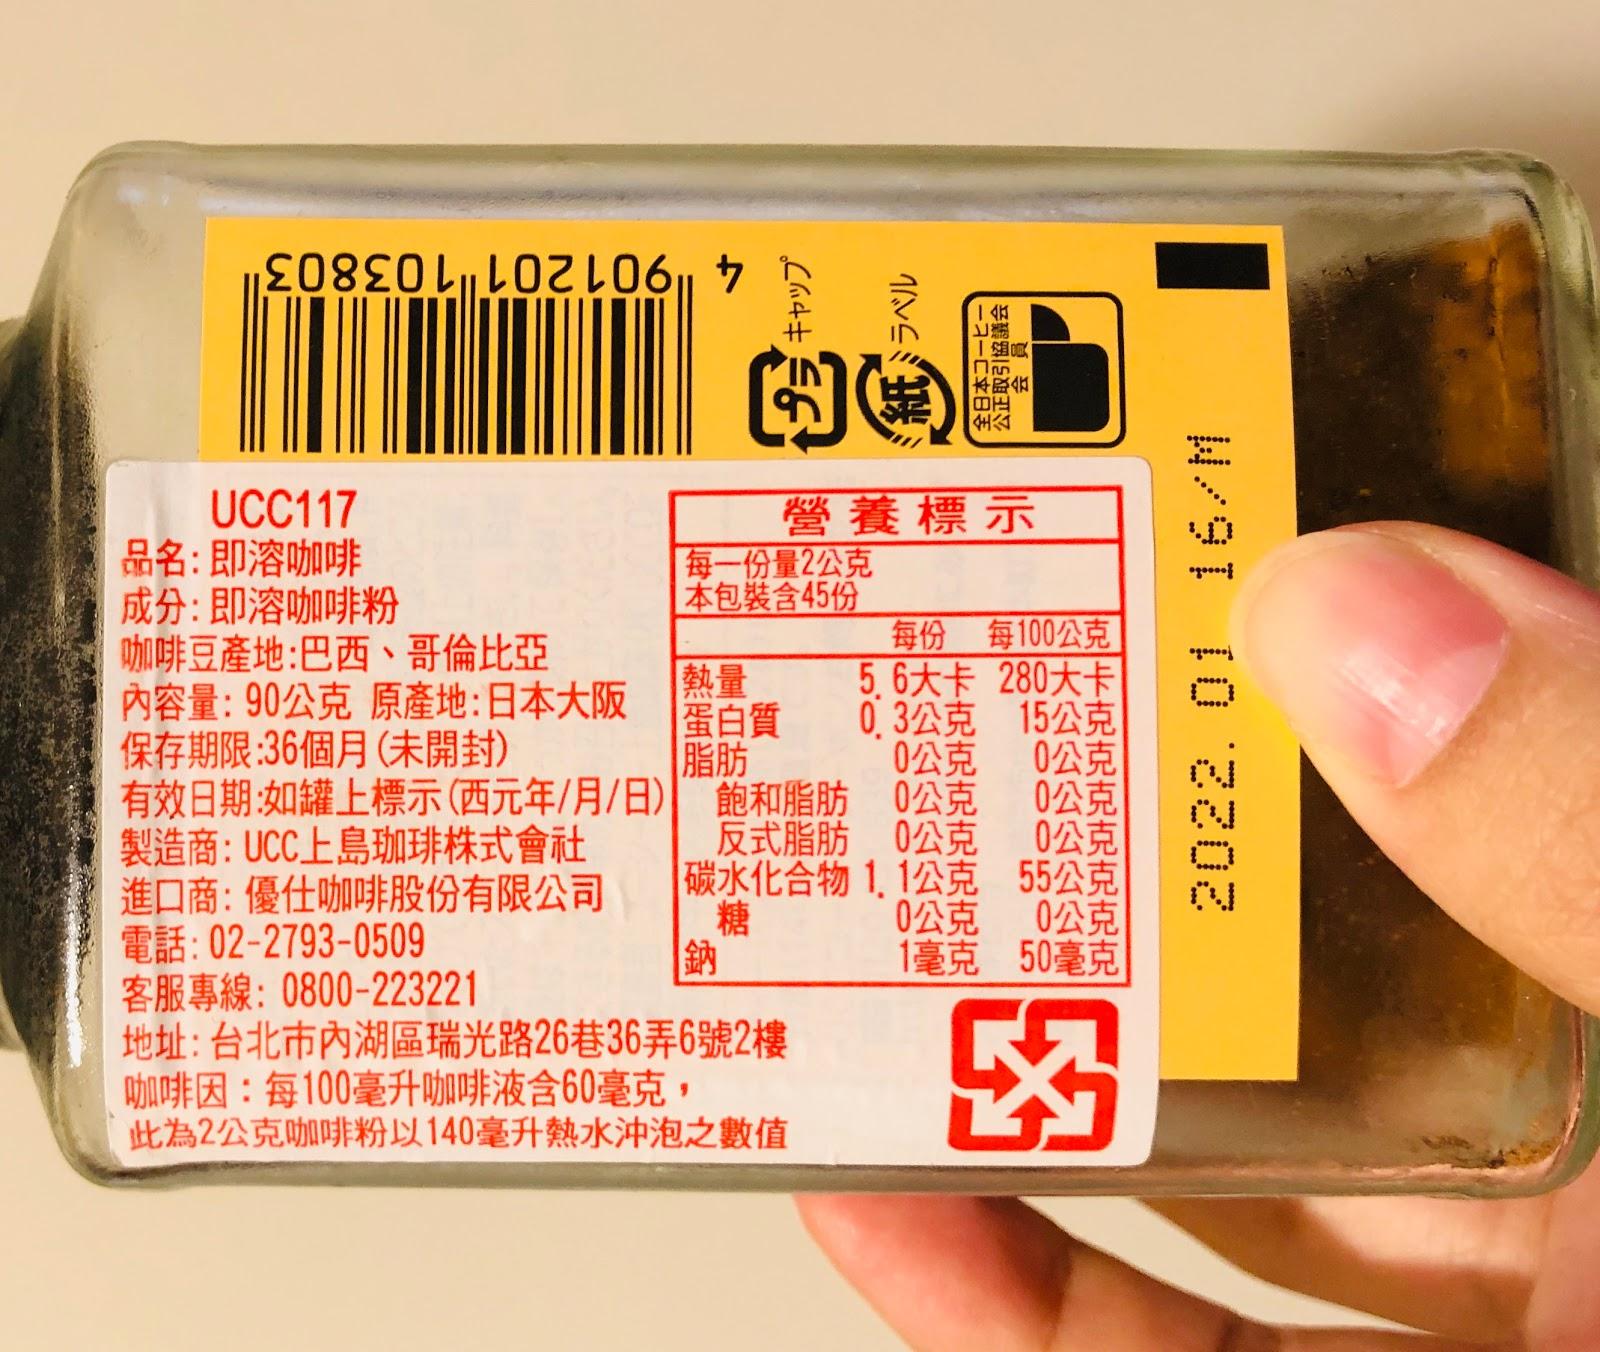 [心得] 即溶咖啡評比(1):AGF MAXIM箴言(金罐)與摩卡(白罐)與贅澤(藍罐),麥斯威爾MAXIM典藏咖啡,UCC 117,雀巢 ...